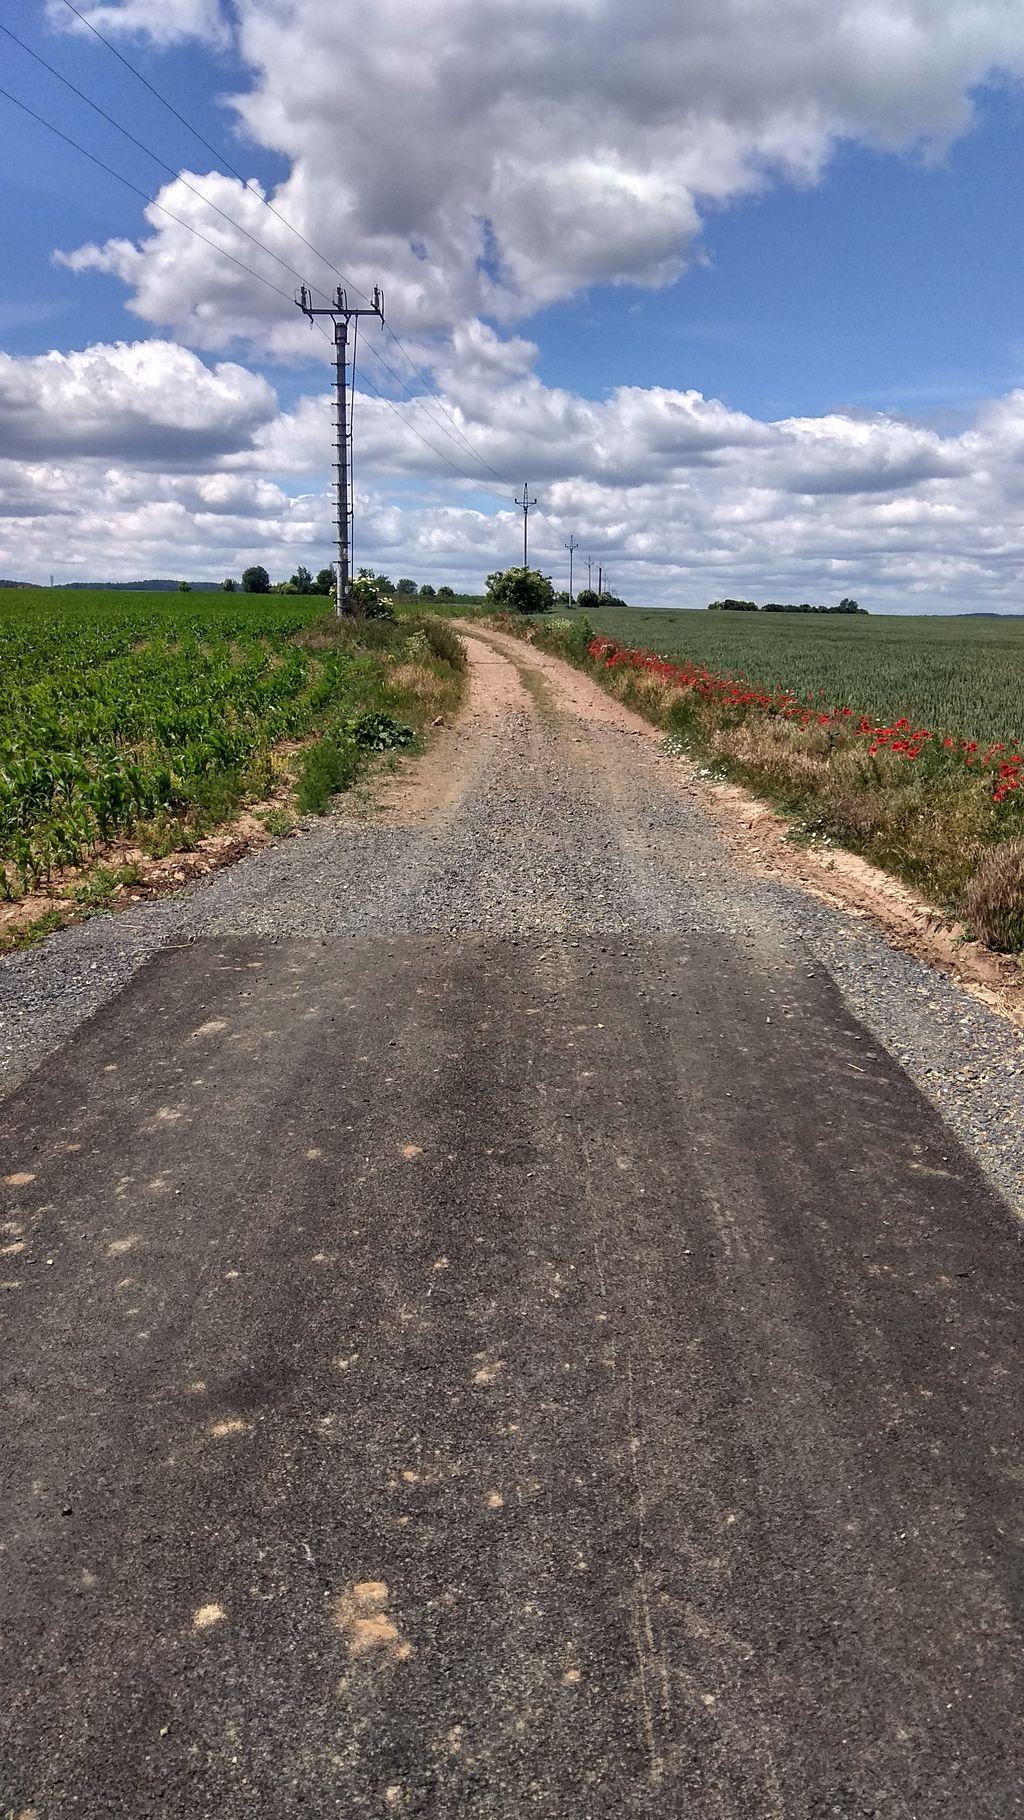 Cesta poutníka vede různými cestami